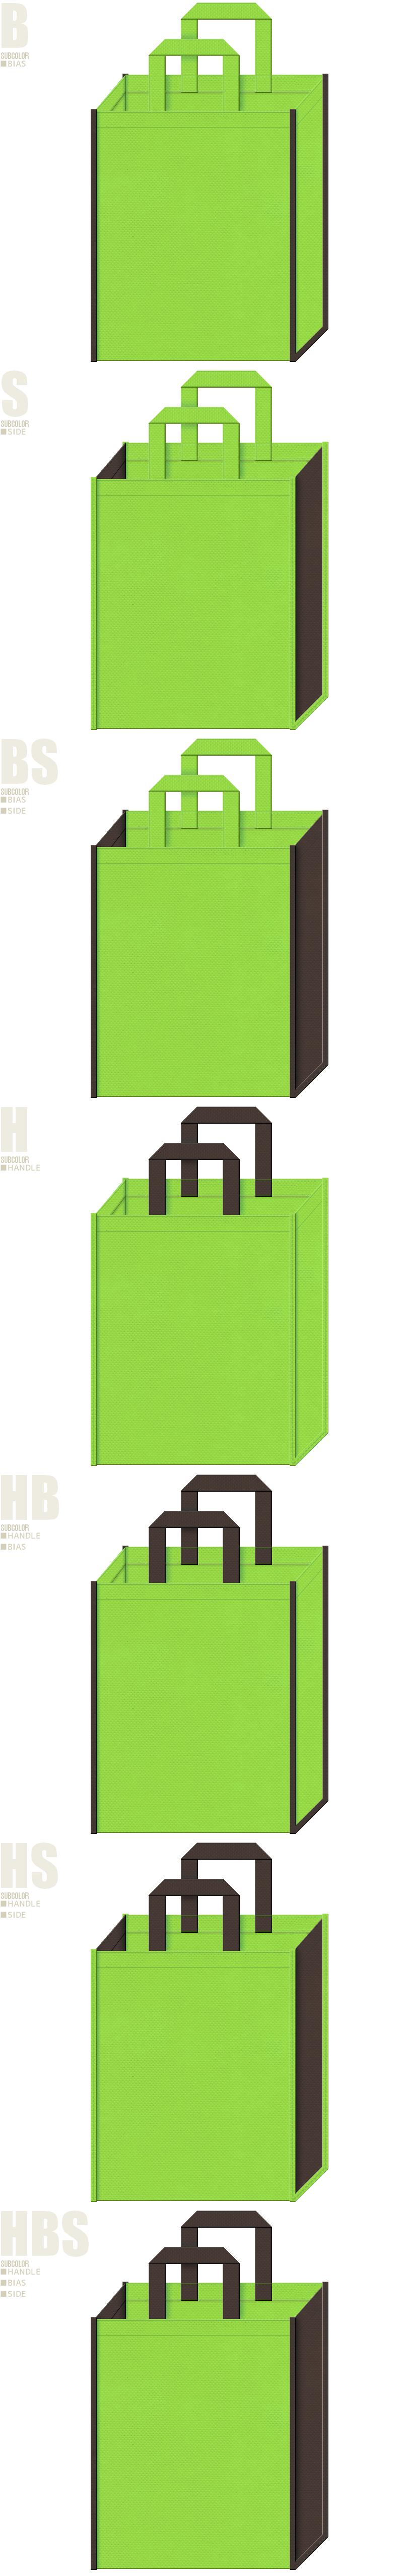 環境セミナー・外構工事・エクステリア・屋上緑化・壁面緑化の展示会用バッグにお奨めの不織布バッグデザイン:黄緑色とこげ茶色の不織布バッグ配色7パターン。